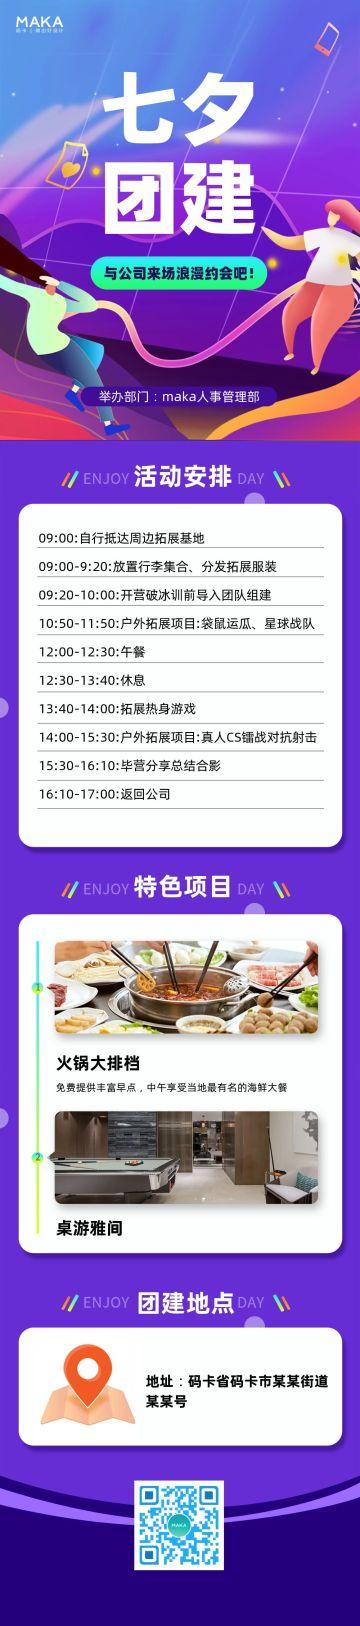 炫酷卡通时尚风企业/公司行业七夕节日团建活动宣传推广长图